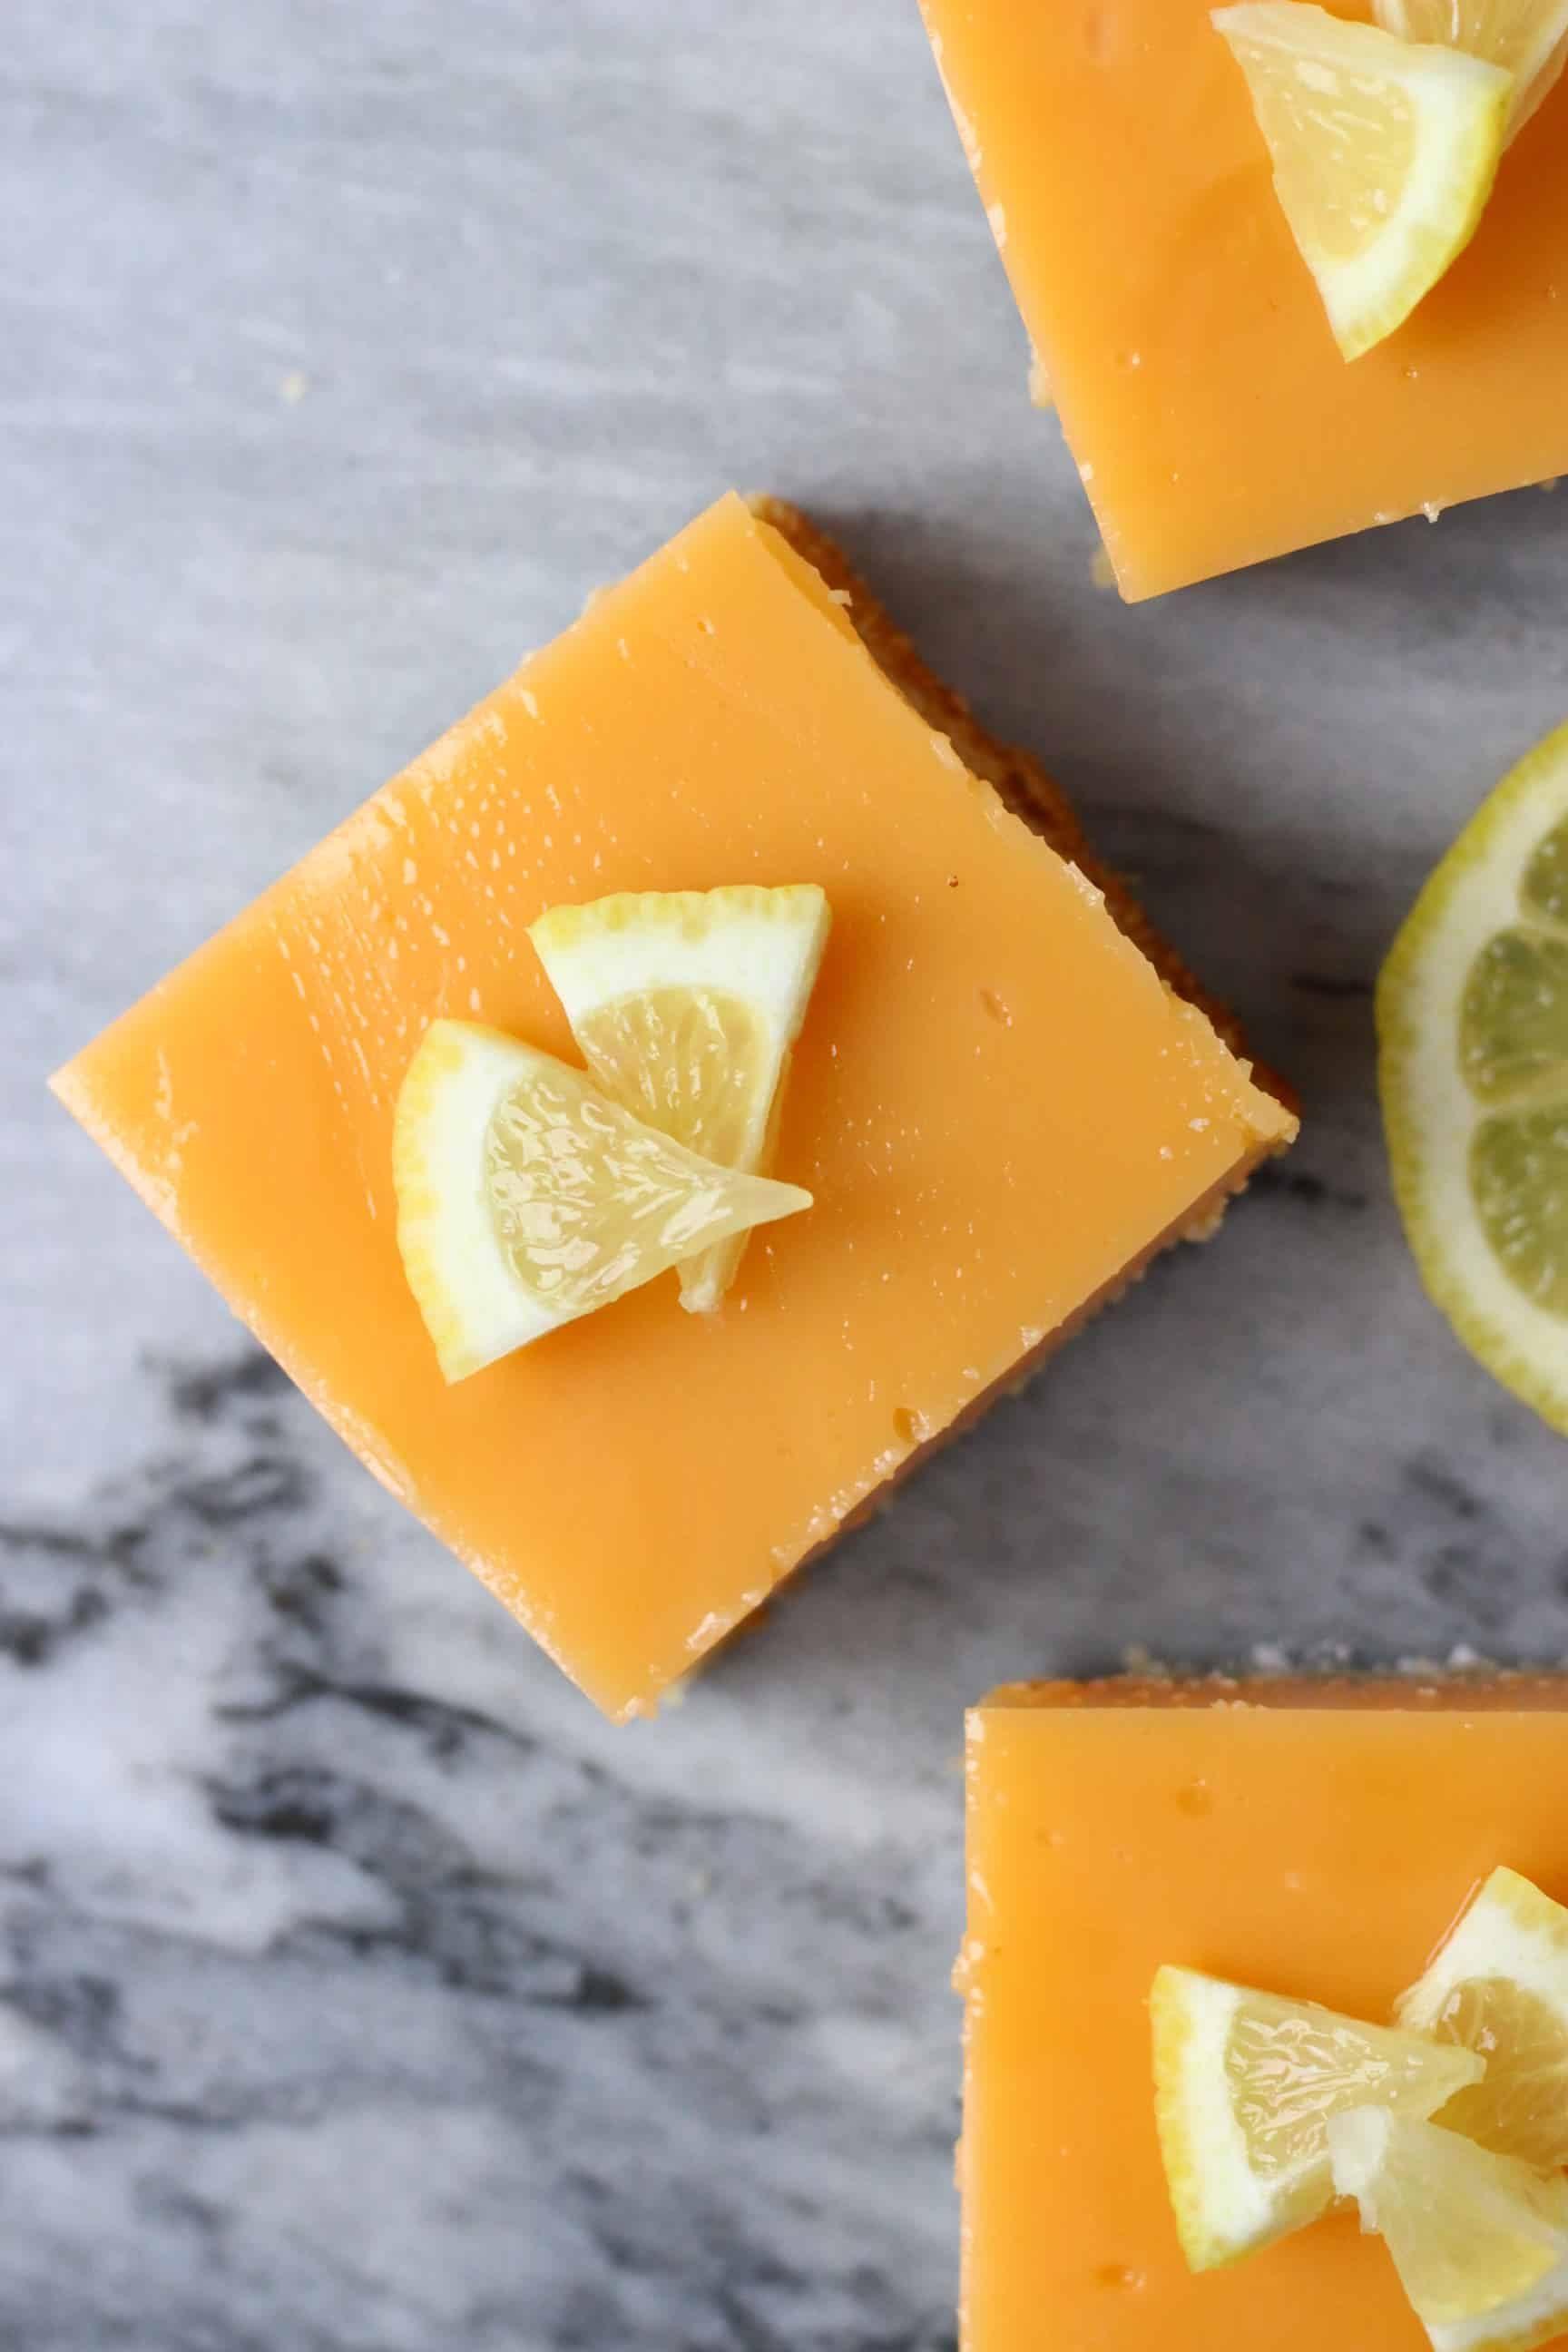 Three gluten-free vegan lemon bars topped with lemon wedges